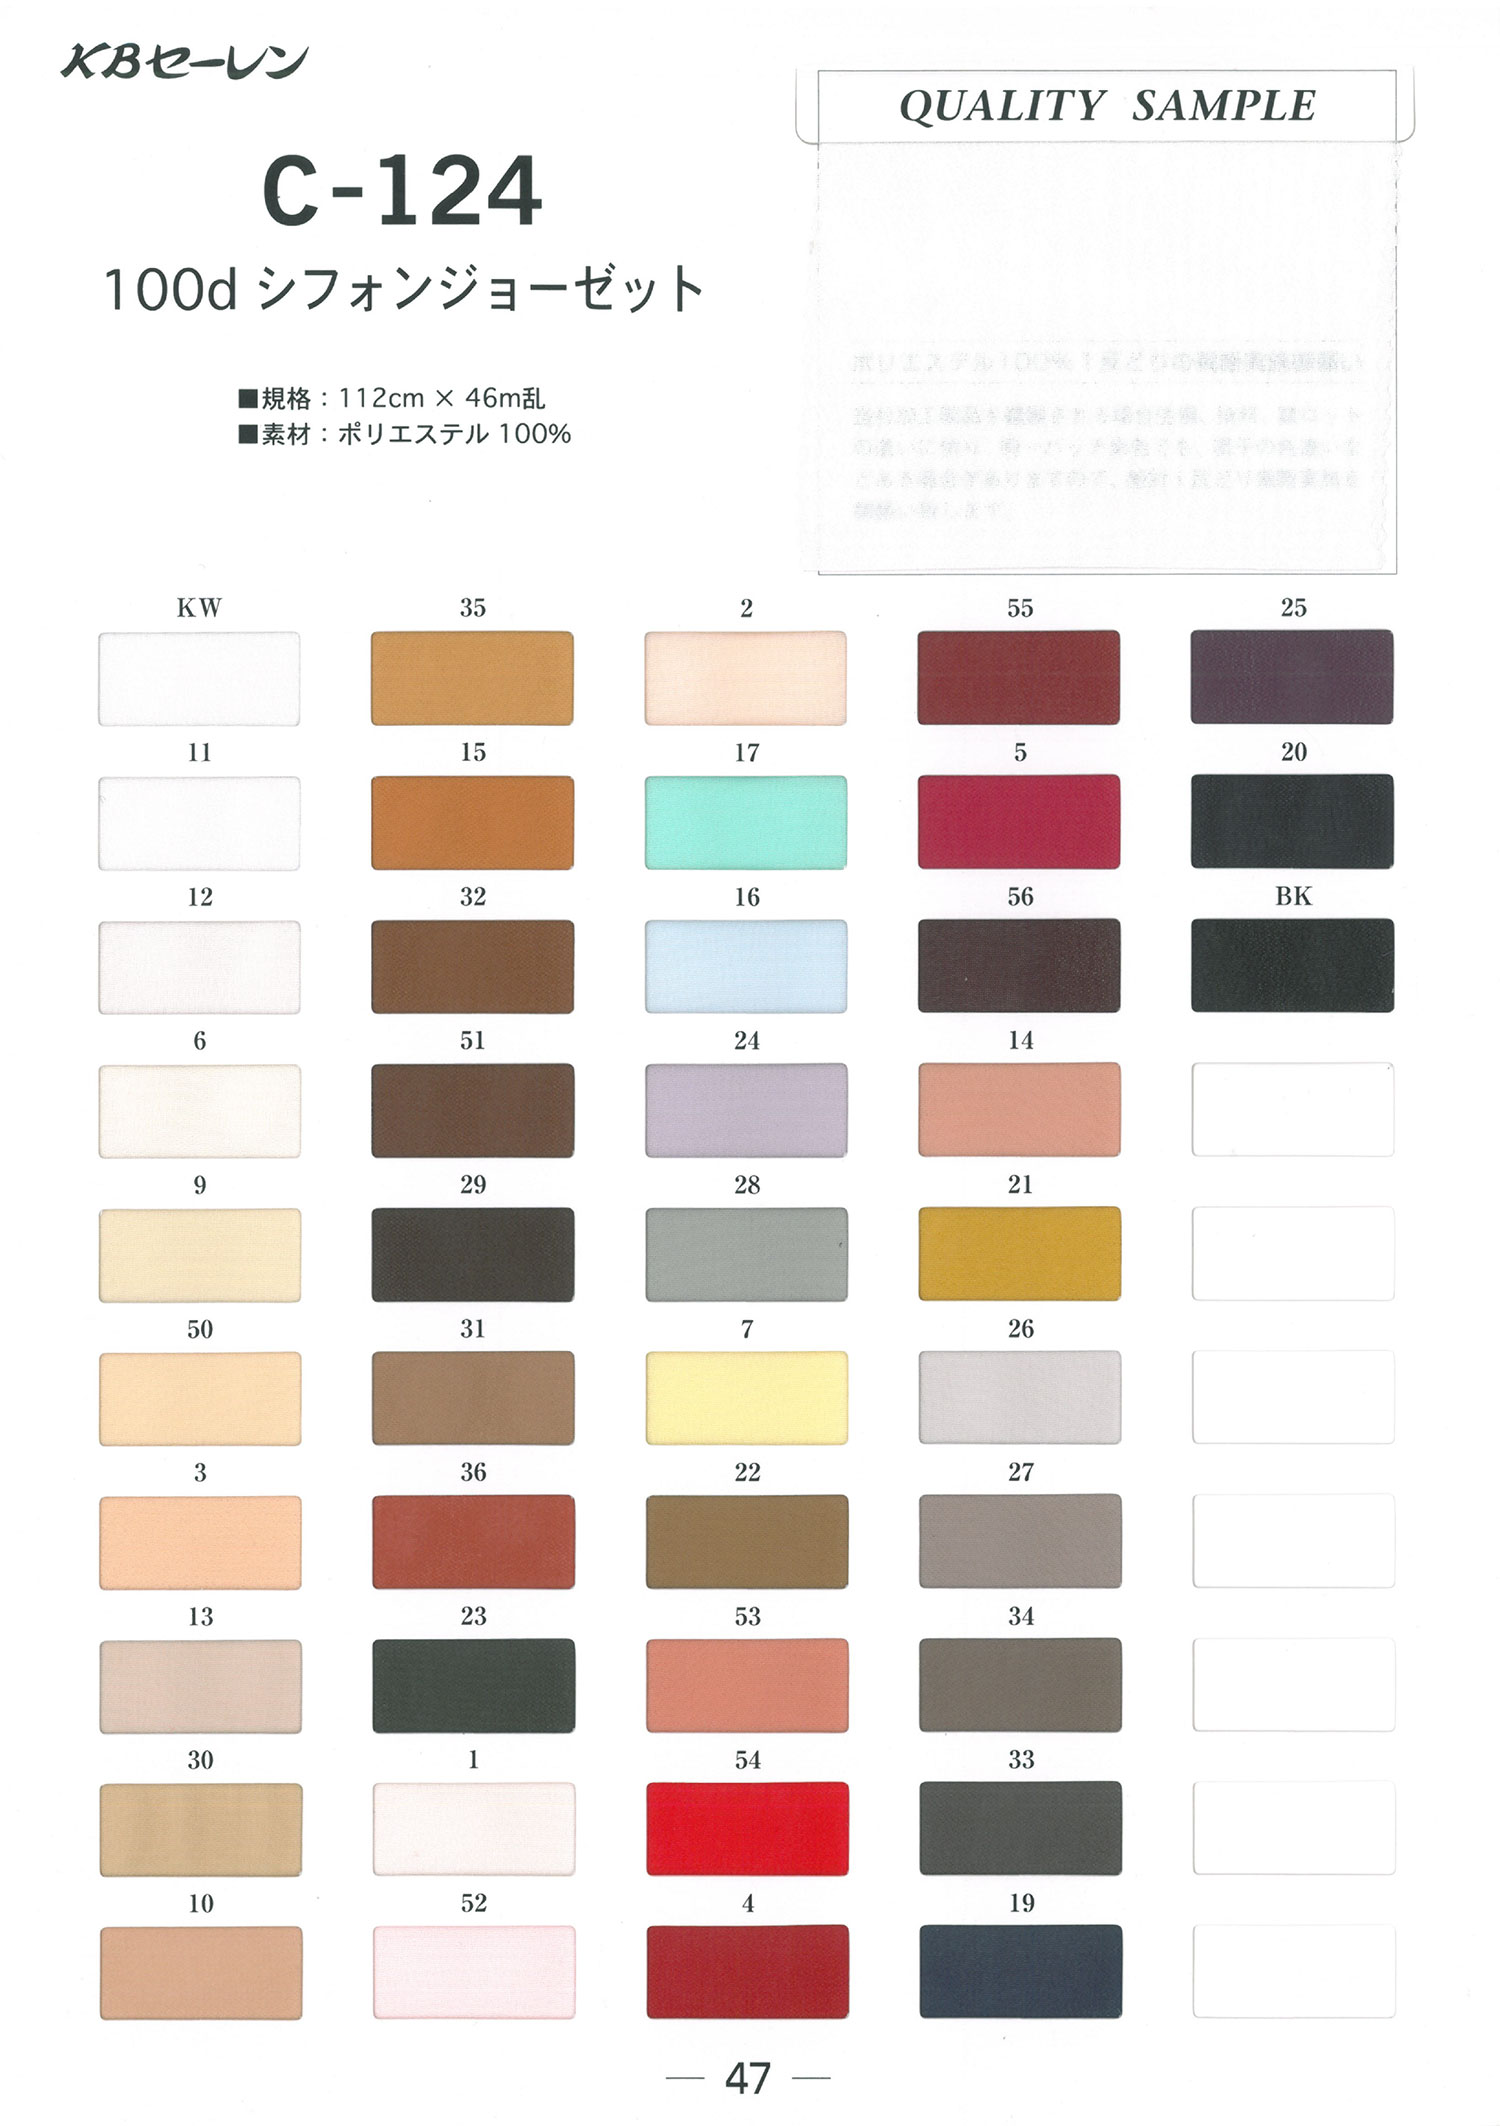 C124 100dシフォンジョーゼット裏地 KBセーレン/オークラ商事 - ApparelX アパレル資材卸通販